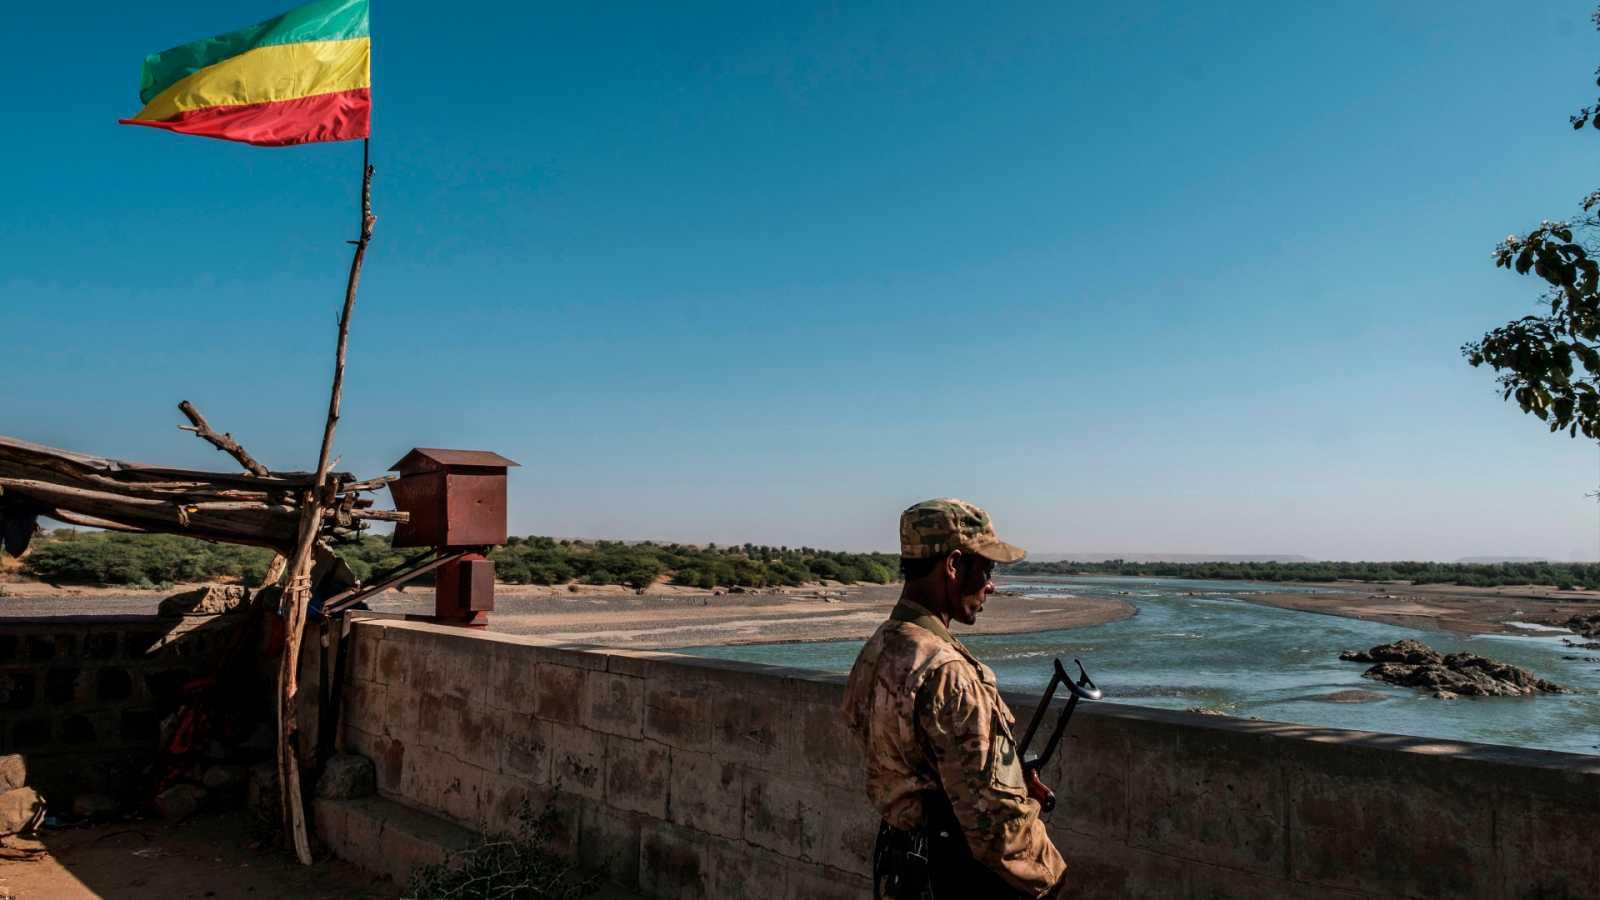 Imágenes por satélite revelan nueva destrucción en instalaciones de la ONU y campos de refugiados en Tigray